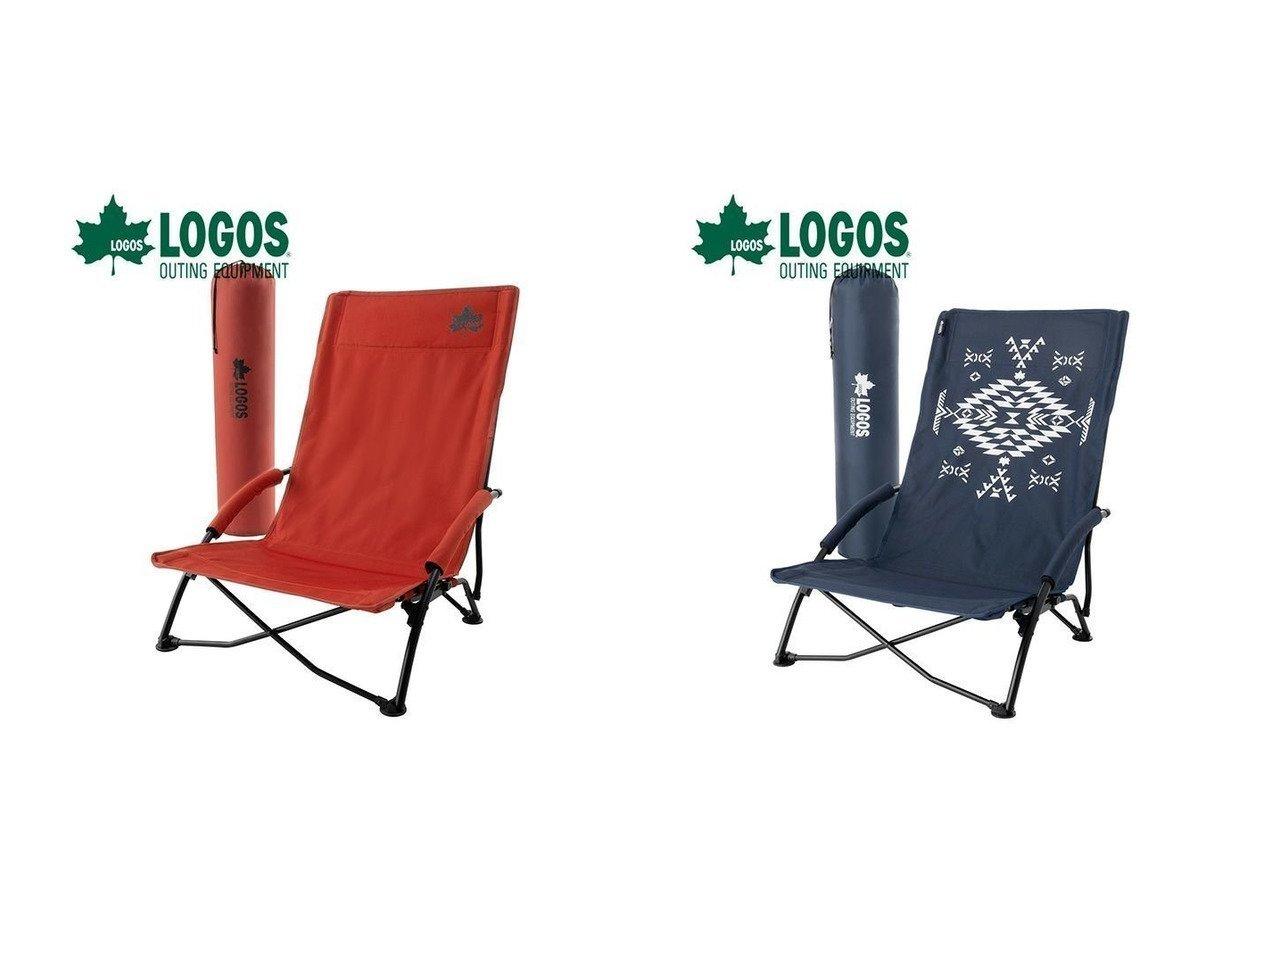 【LOGOS/ロゴス】のTradcanvas 難燃BRICK・キングあぐらチェア&キングあぐらチェア(LOGOS LAND) おすすめ!人気キャンプ・アウトドア用品の通販 おすすめで人気の流行・トレンド、ファッションの通販商品 メンズファッション・キッズファッション・インテリア・家具・レディースファッション・服の通販 founy(ファニー) https://founy.com/ コーティング テーブル フレーム ワイド ホーム・キャンプ・アウトドア Home,Garden,Outdoor,Camping Gear キャンプ用品・アウトドア  Camping Gear & Outdoor Supplies チェア テーブル Camp Chairs, Camping Tables  ID:crp329100000036079